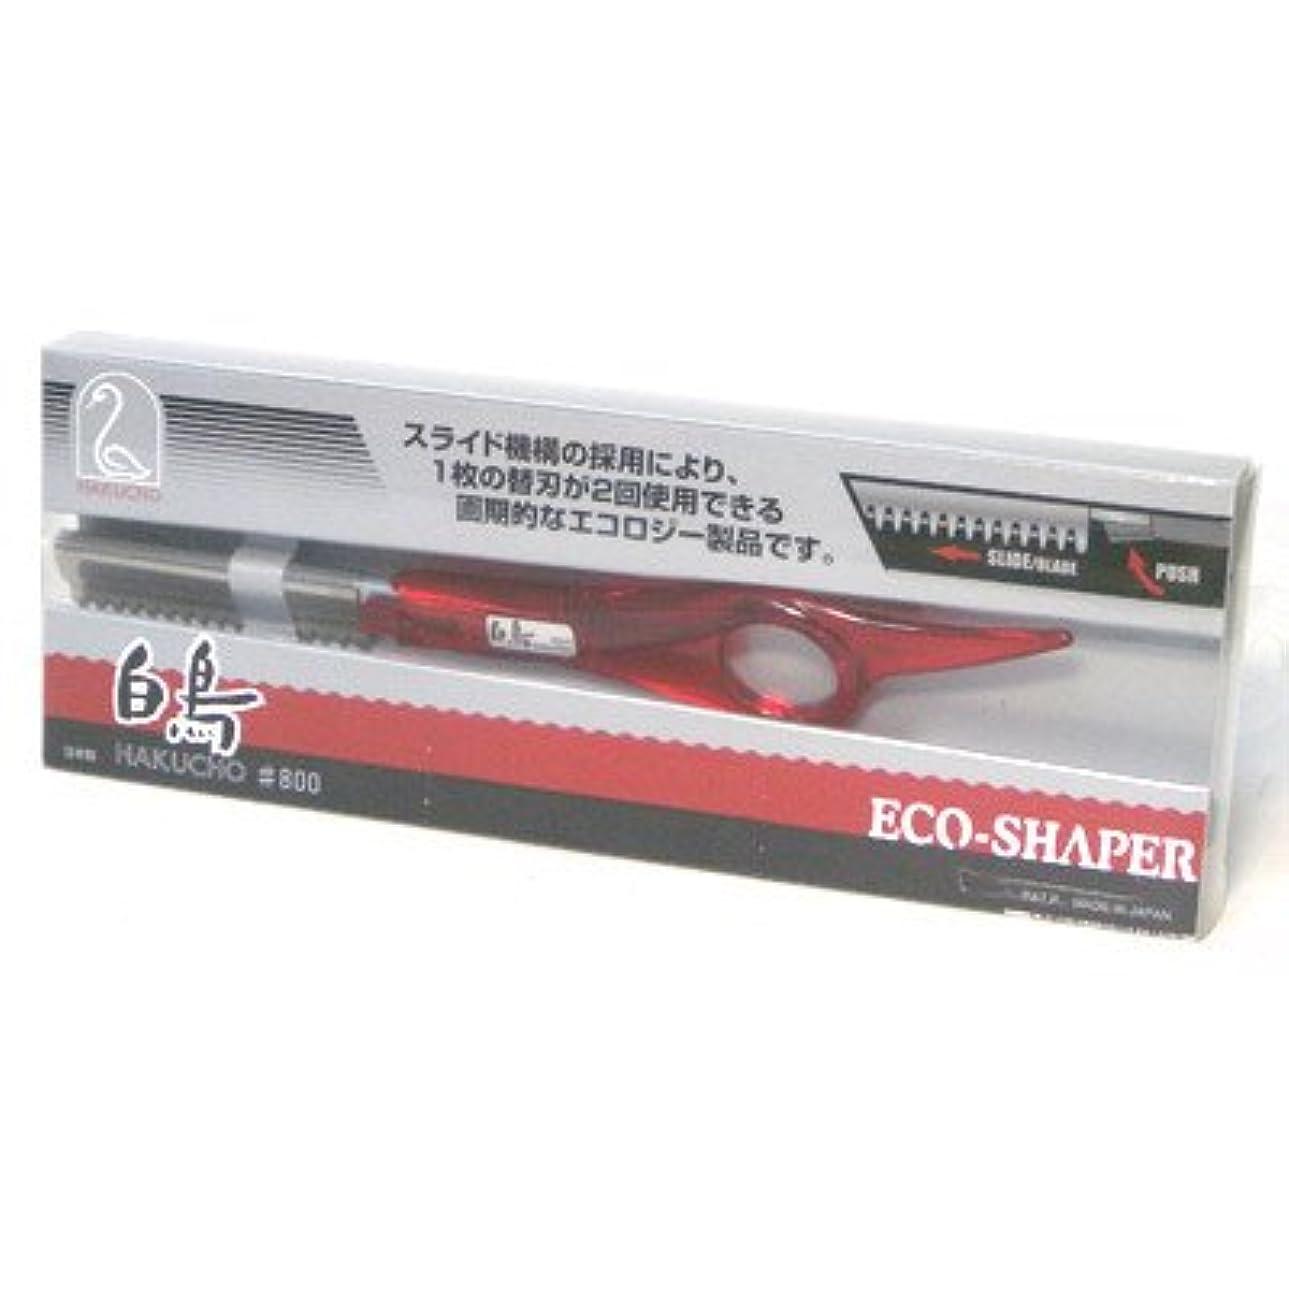 ゆりかごつぶす落ちた白鳥 カットレザー #800 ECO-SHAPER